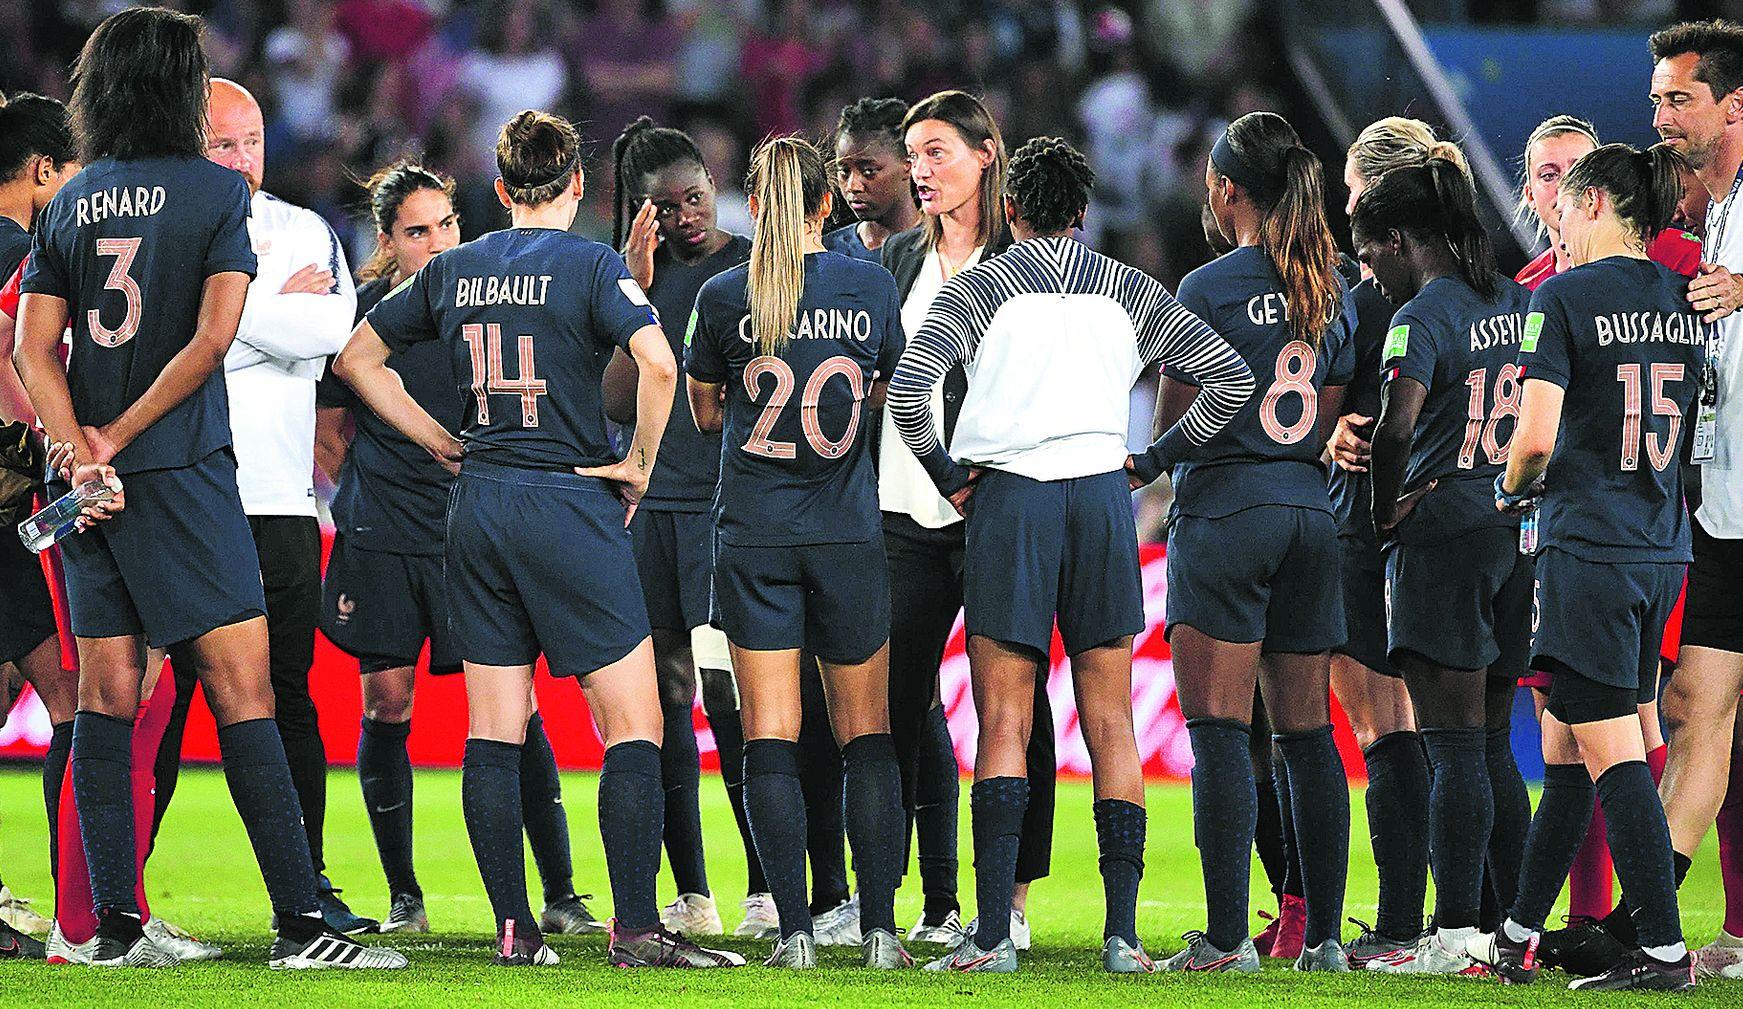 Football - Coupe du monde féminine - Coupe du monde féminine 2019 : après l'échec, l'horizon reste bleu pour Corinne Diacre